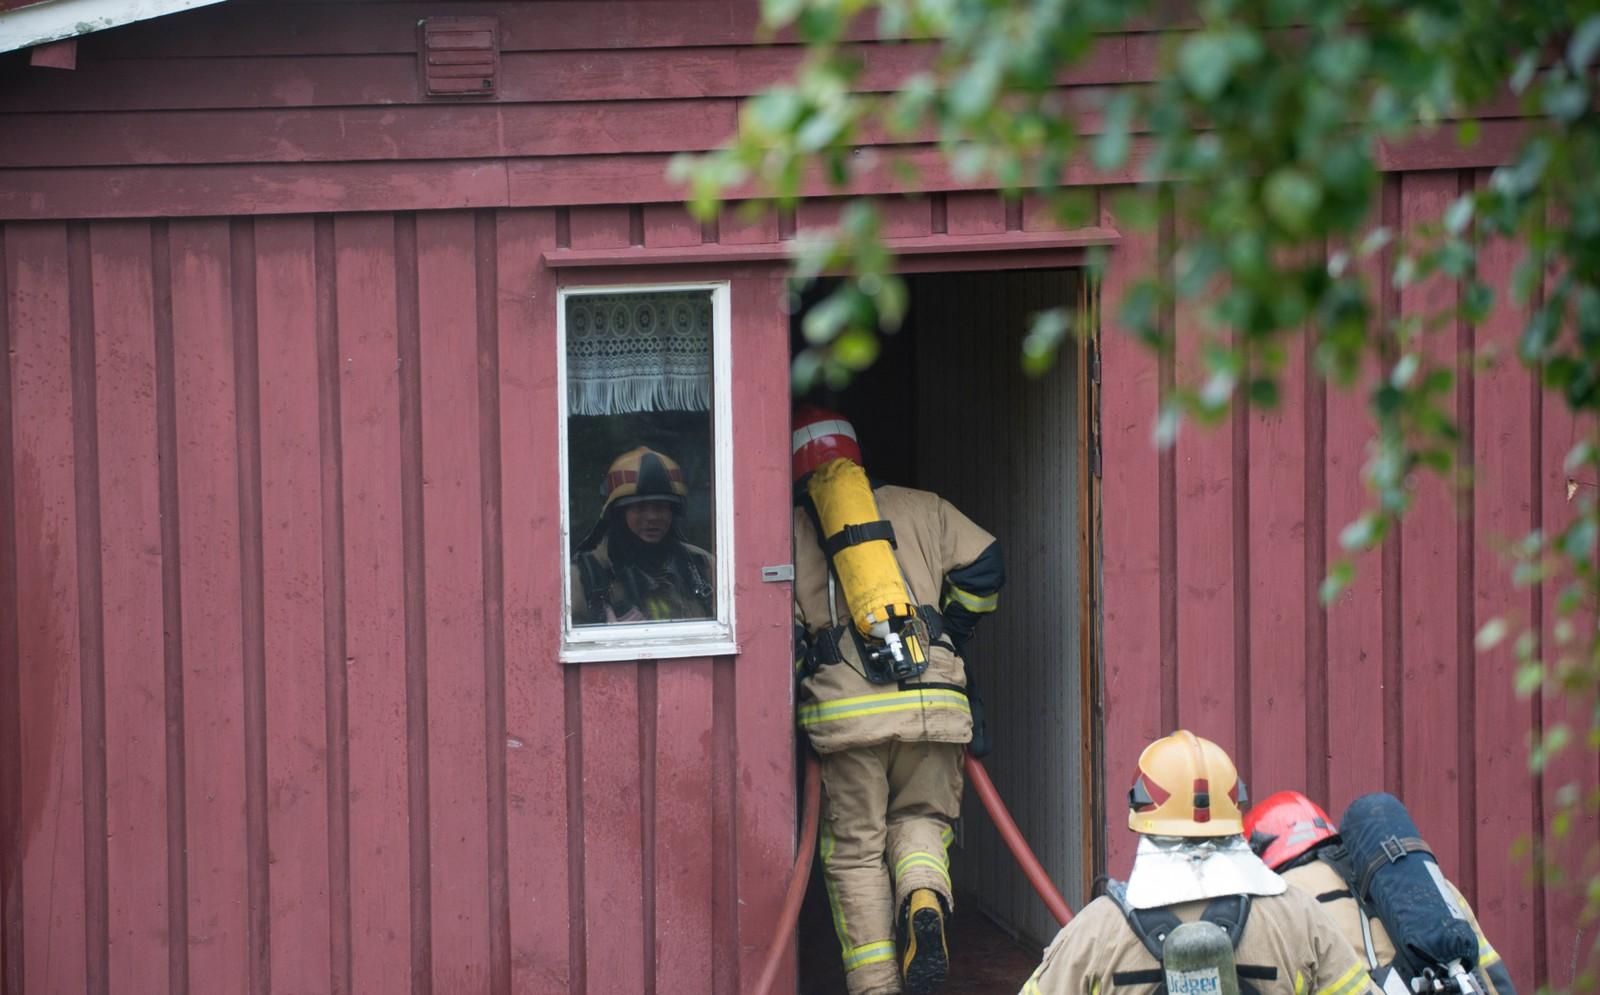 Røykdykkarane var delt opp i lag, som veksla på å ta seg inn i huset.